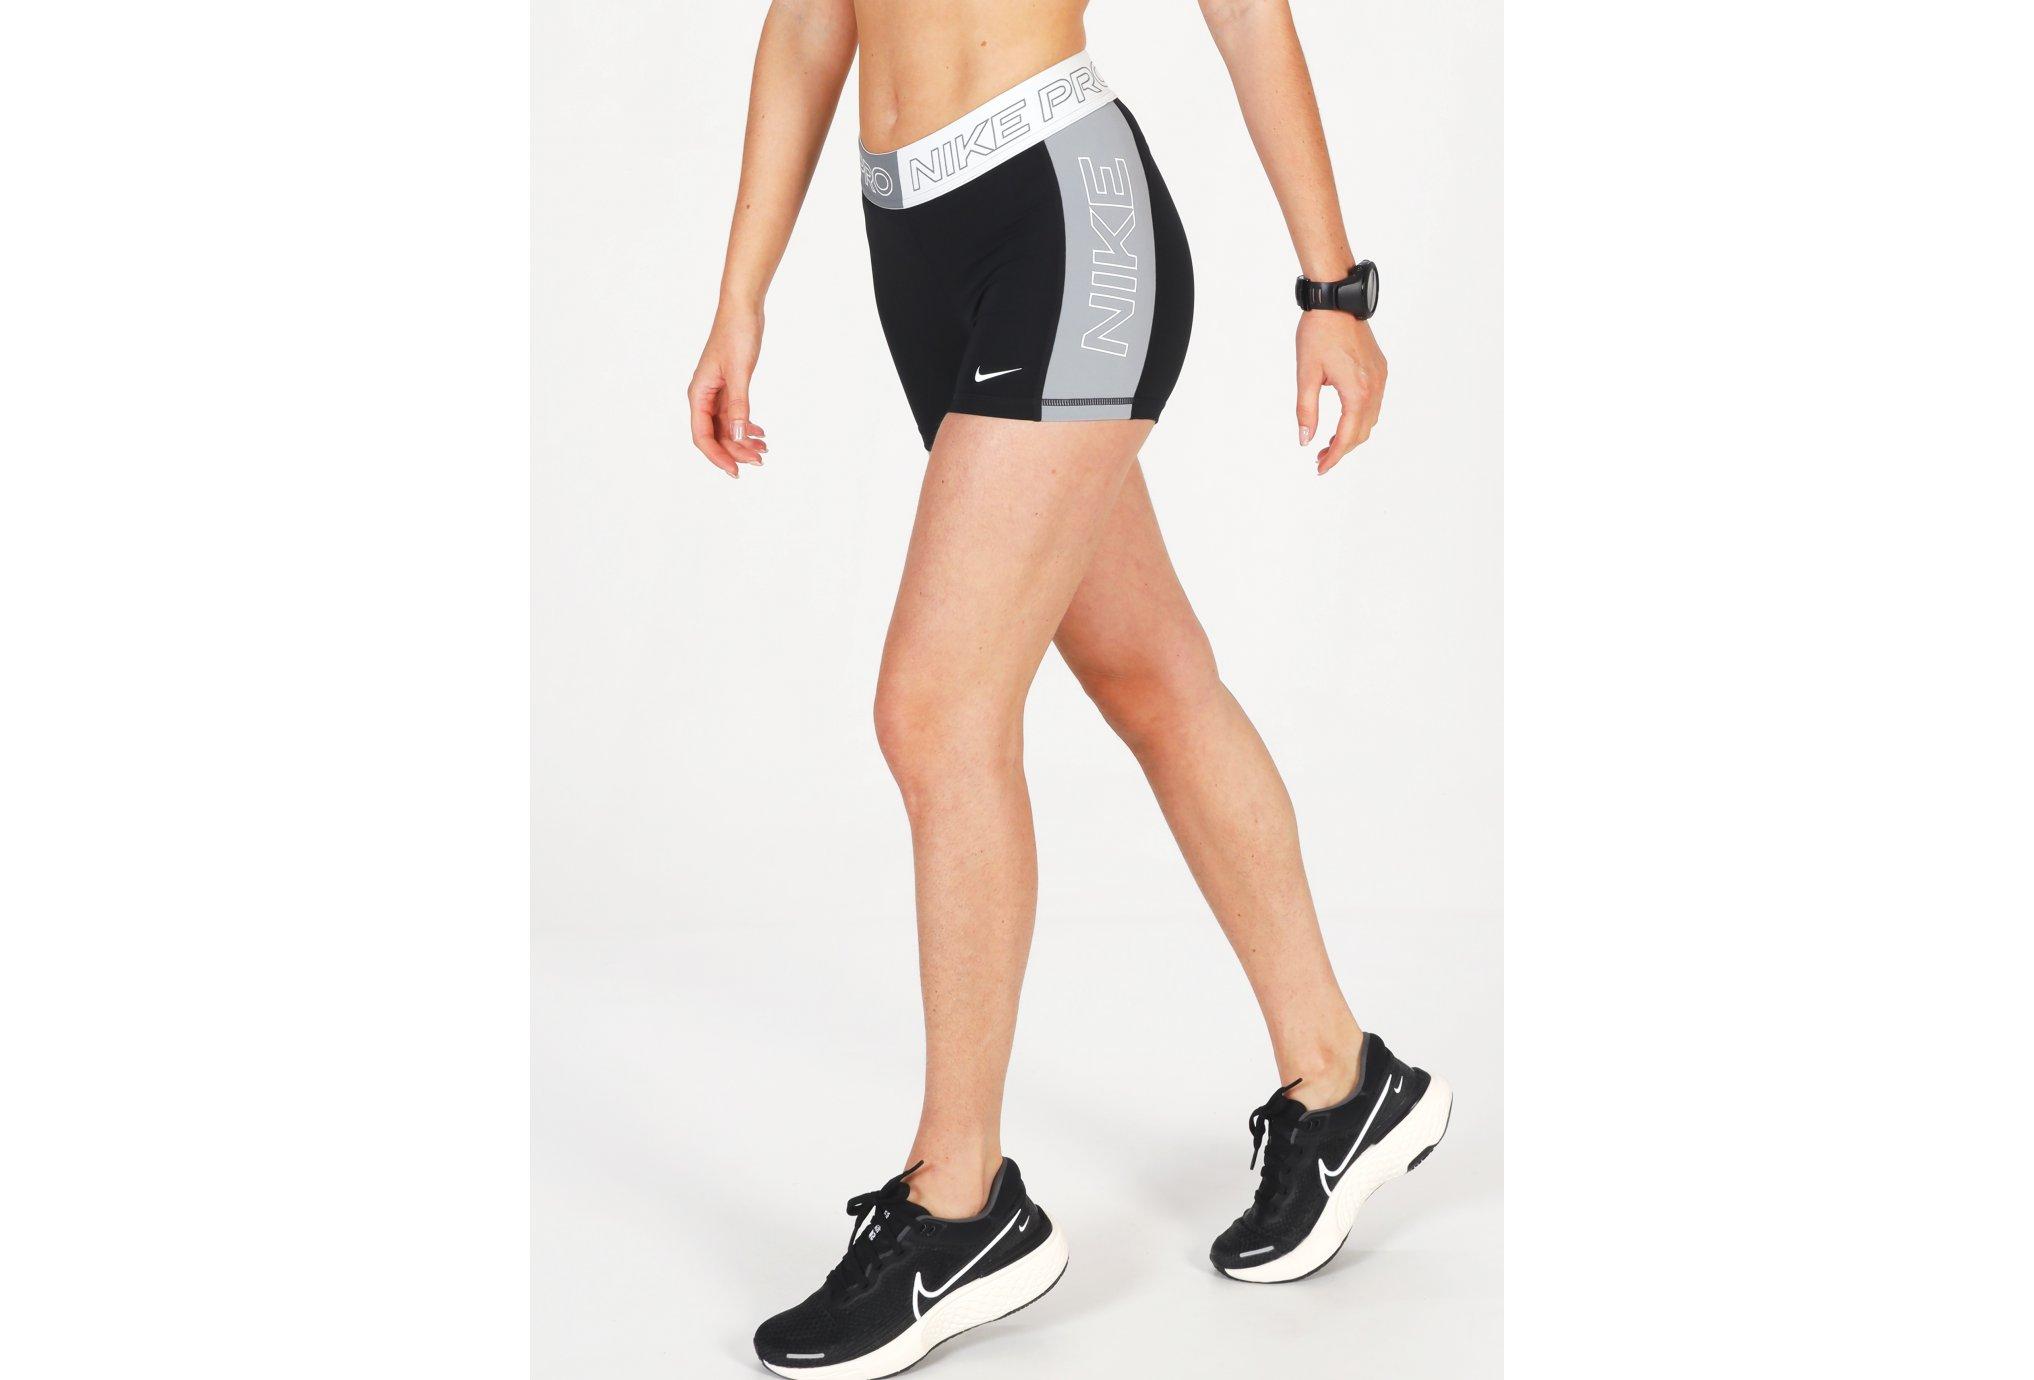 Nike Pro Graphic W Diététique Vêtements femme